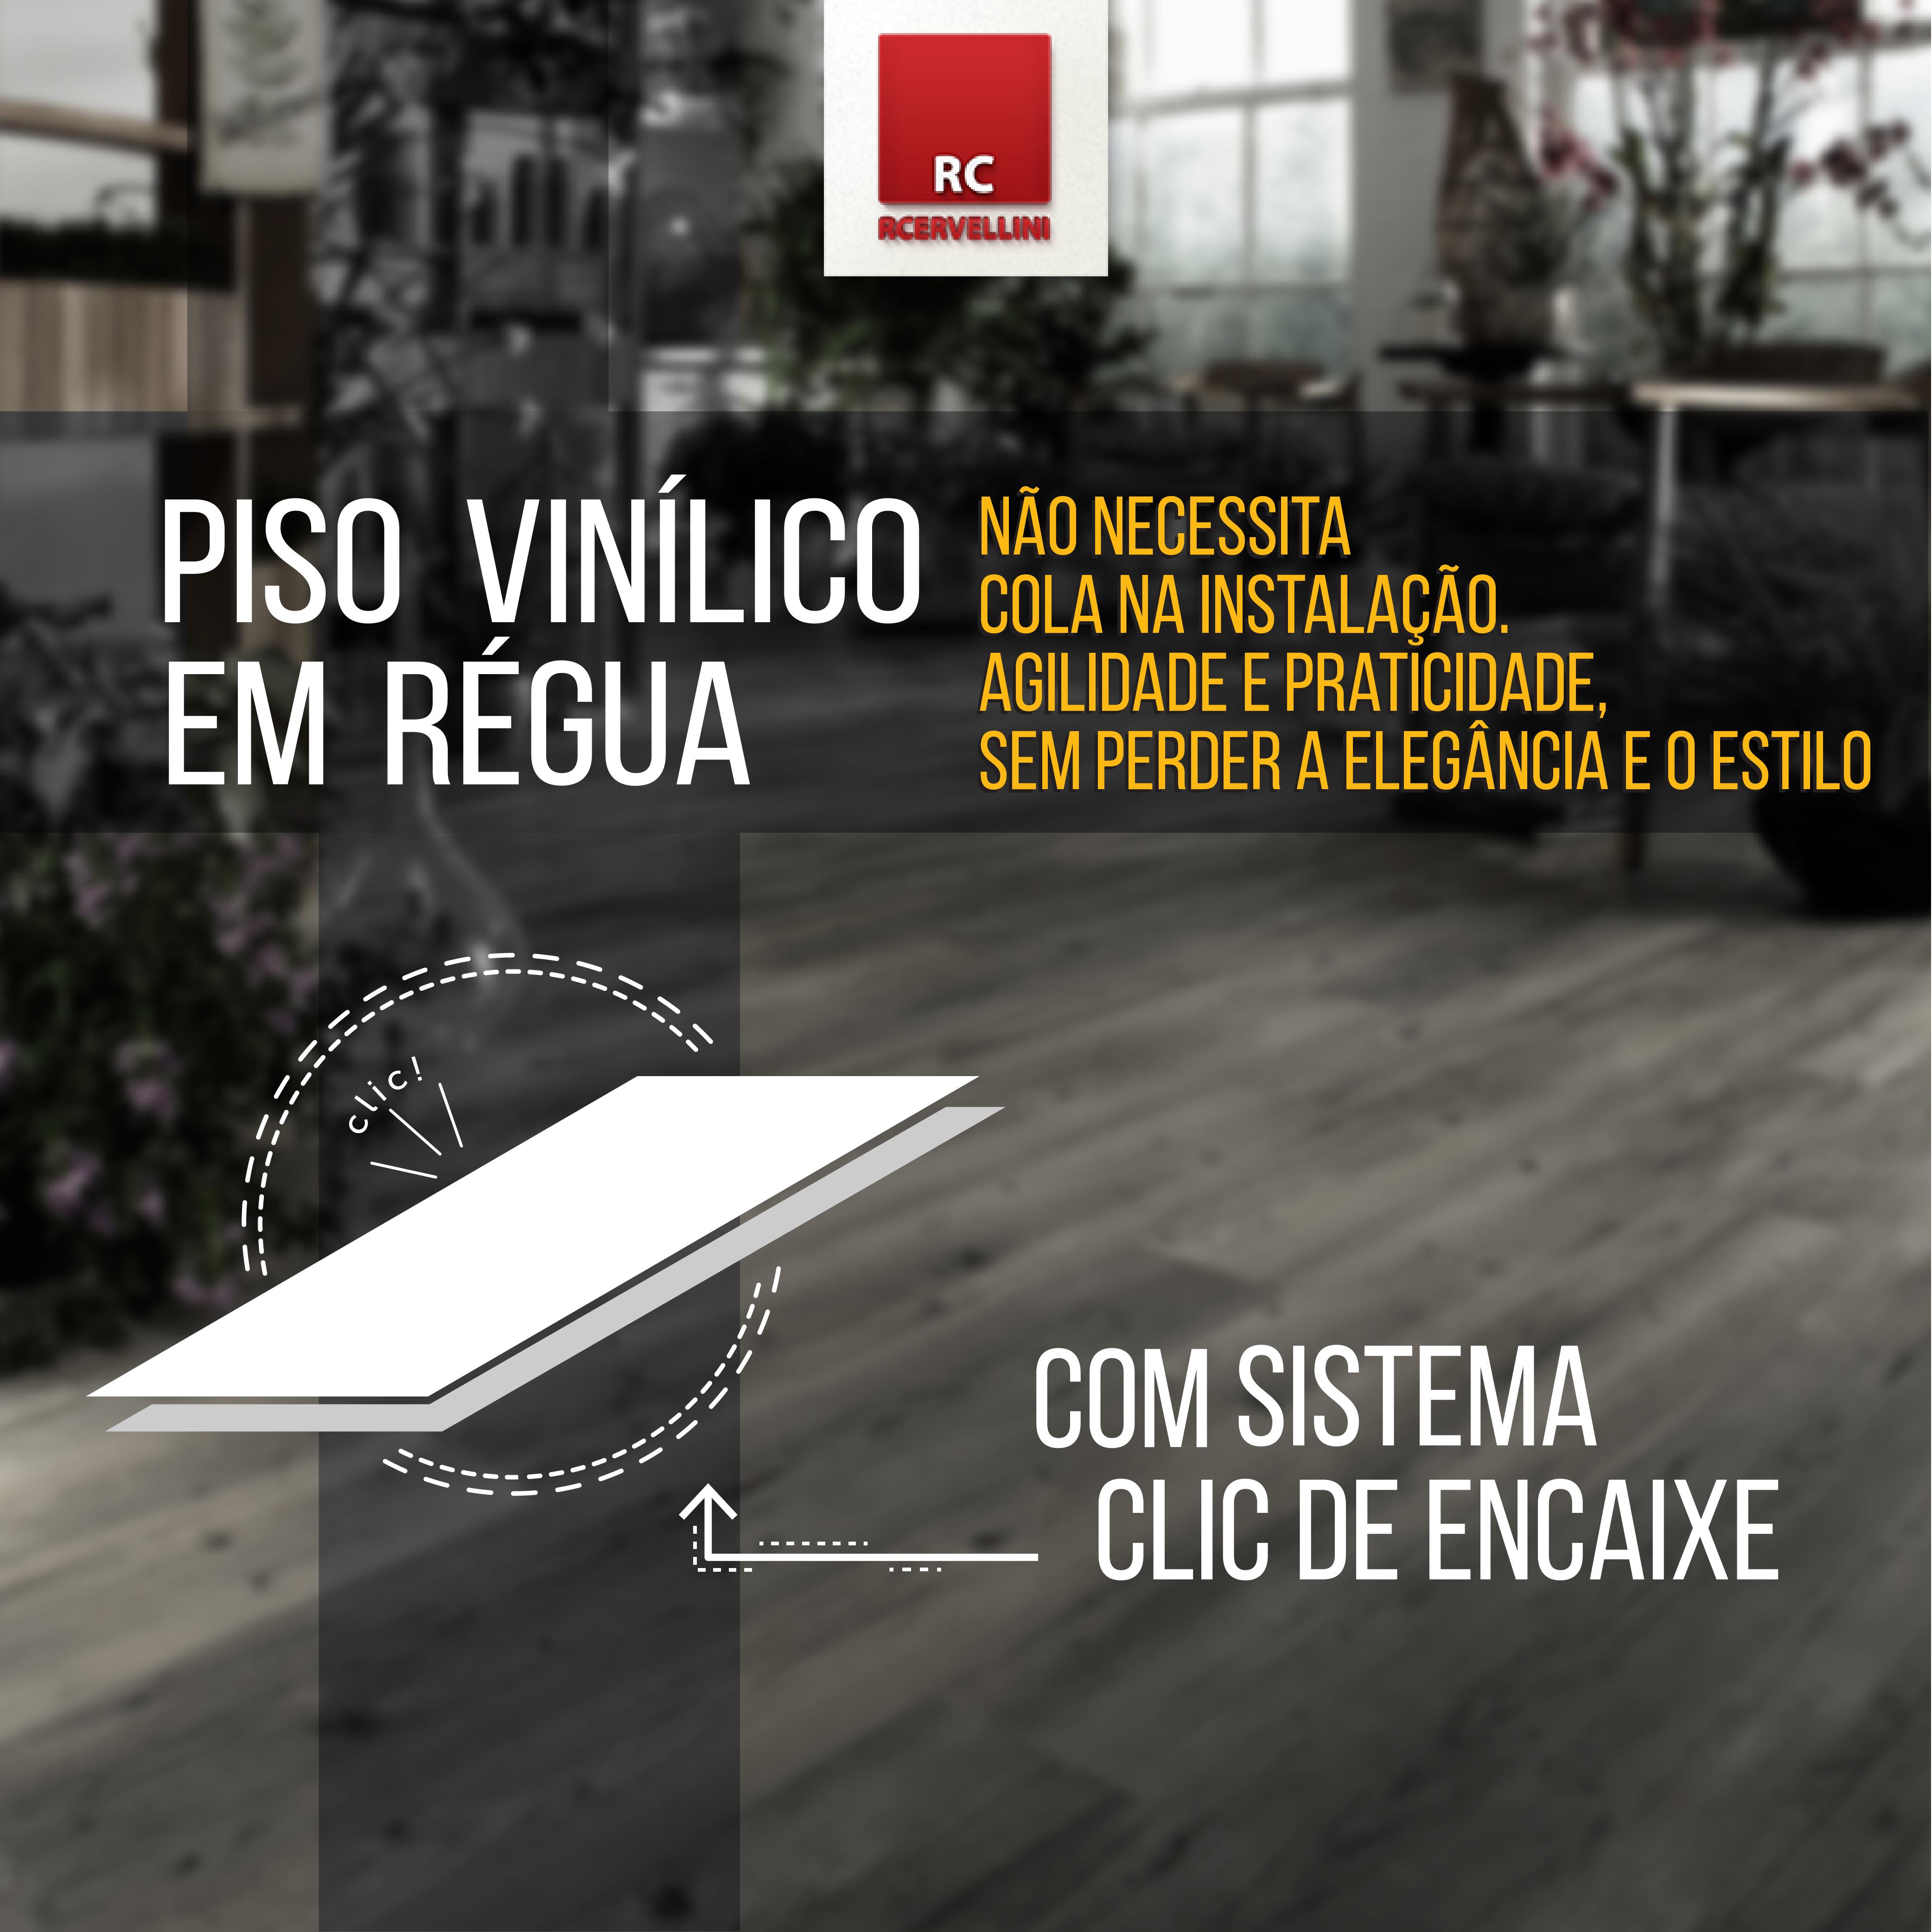 piso vinilico-03